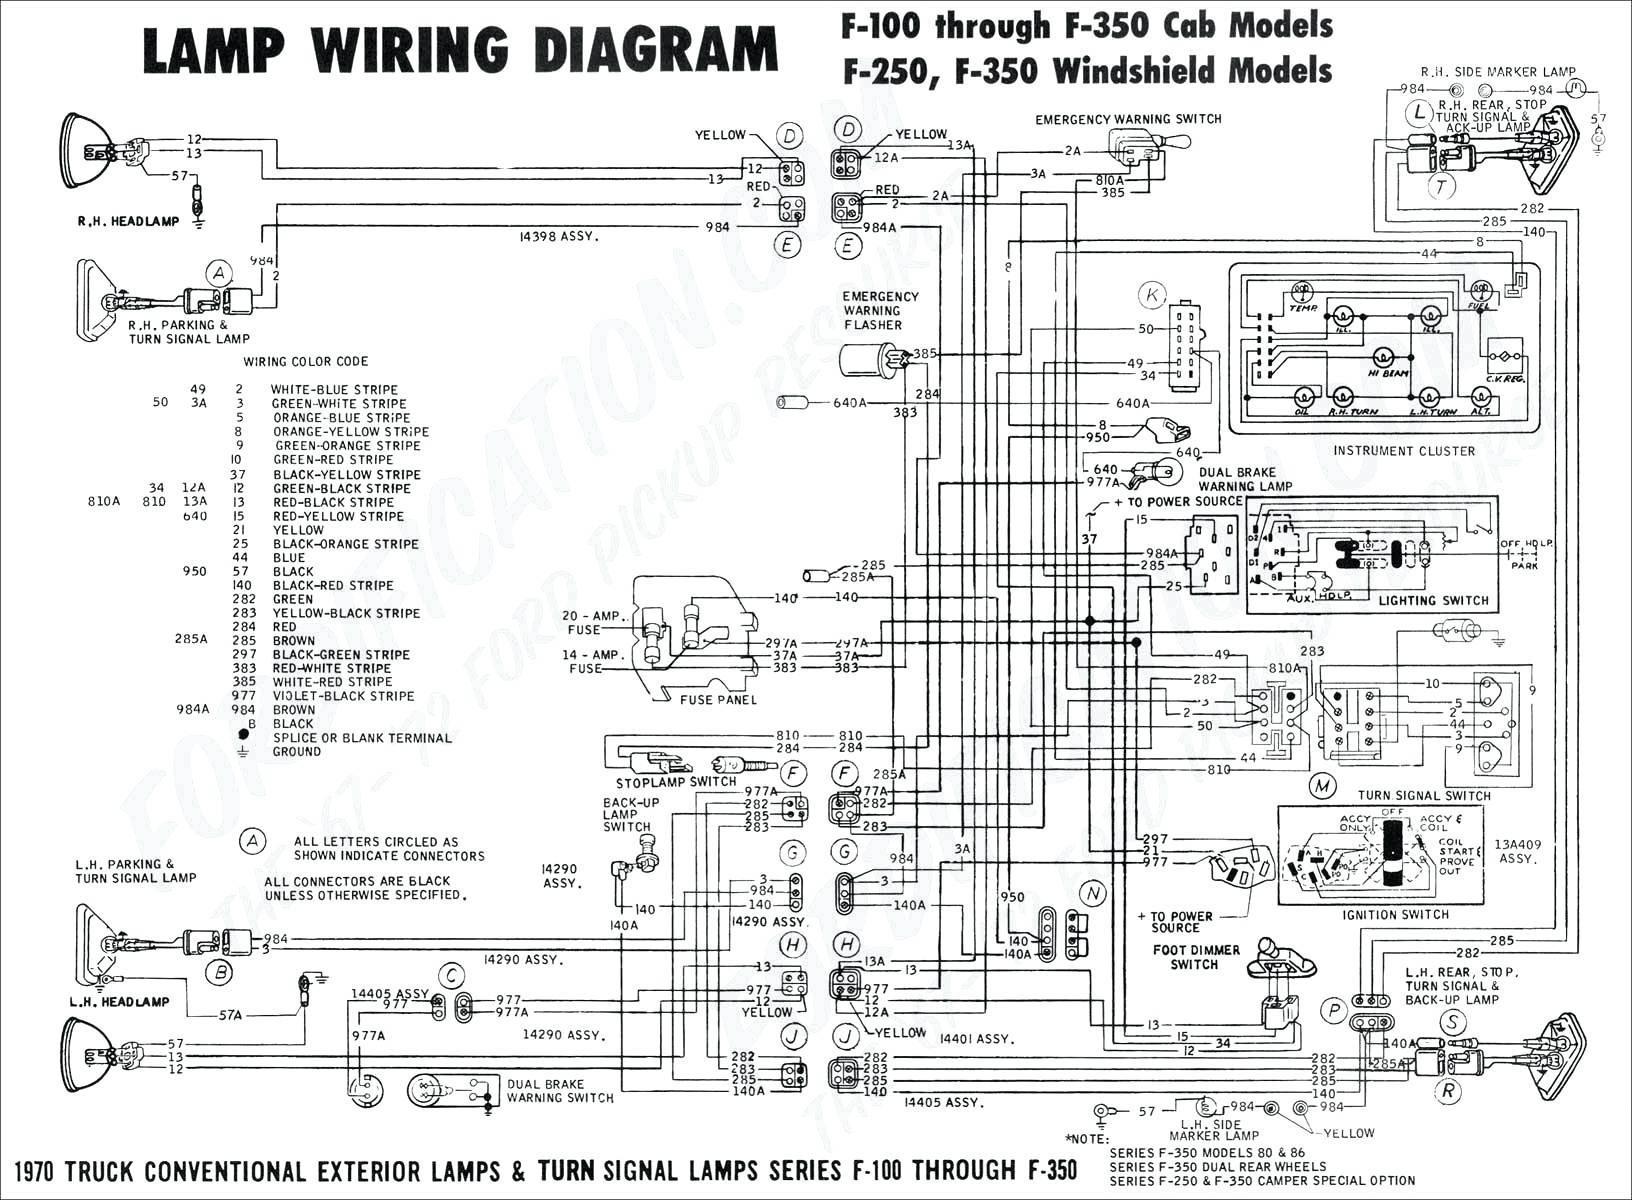 Chevy Truck Front Suspension Diagram 2006 Chevy Silverado Parts Diagram Wiring Diagram Datasource Of Chevy Truck Front Suspension Diagram